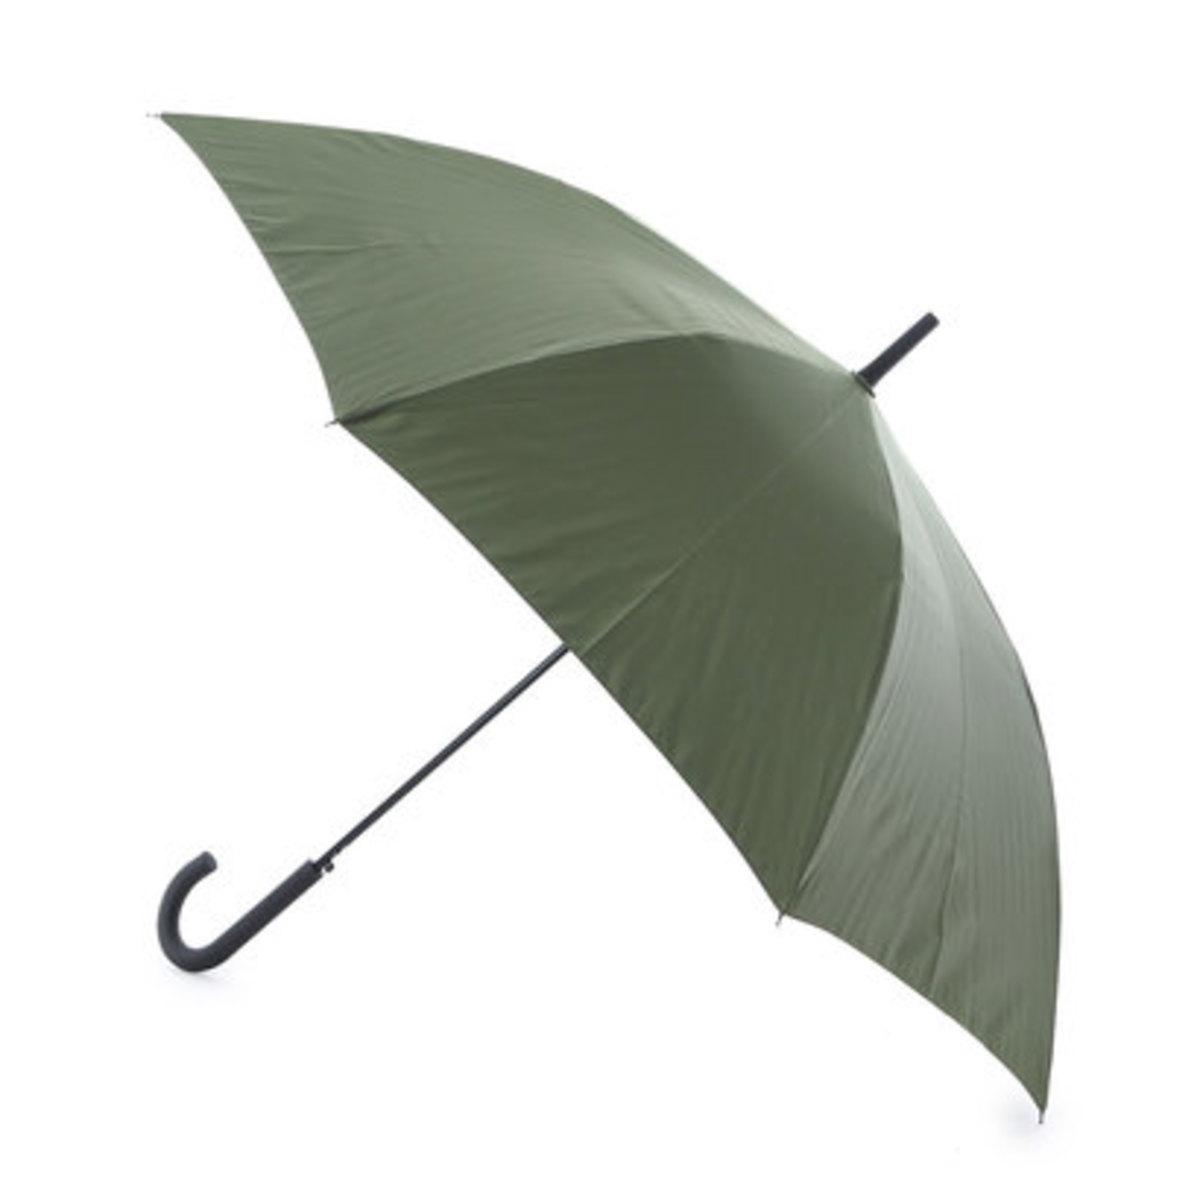 Unnurella Biz Stick Umbrella 65cm UN-1003 KH